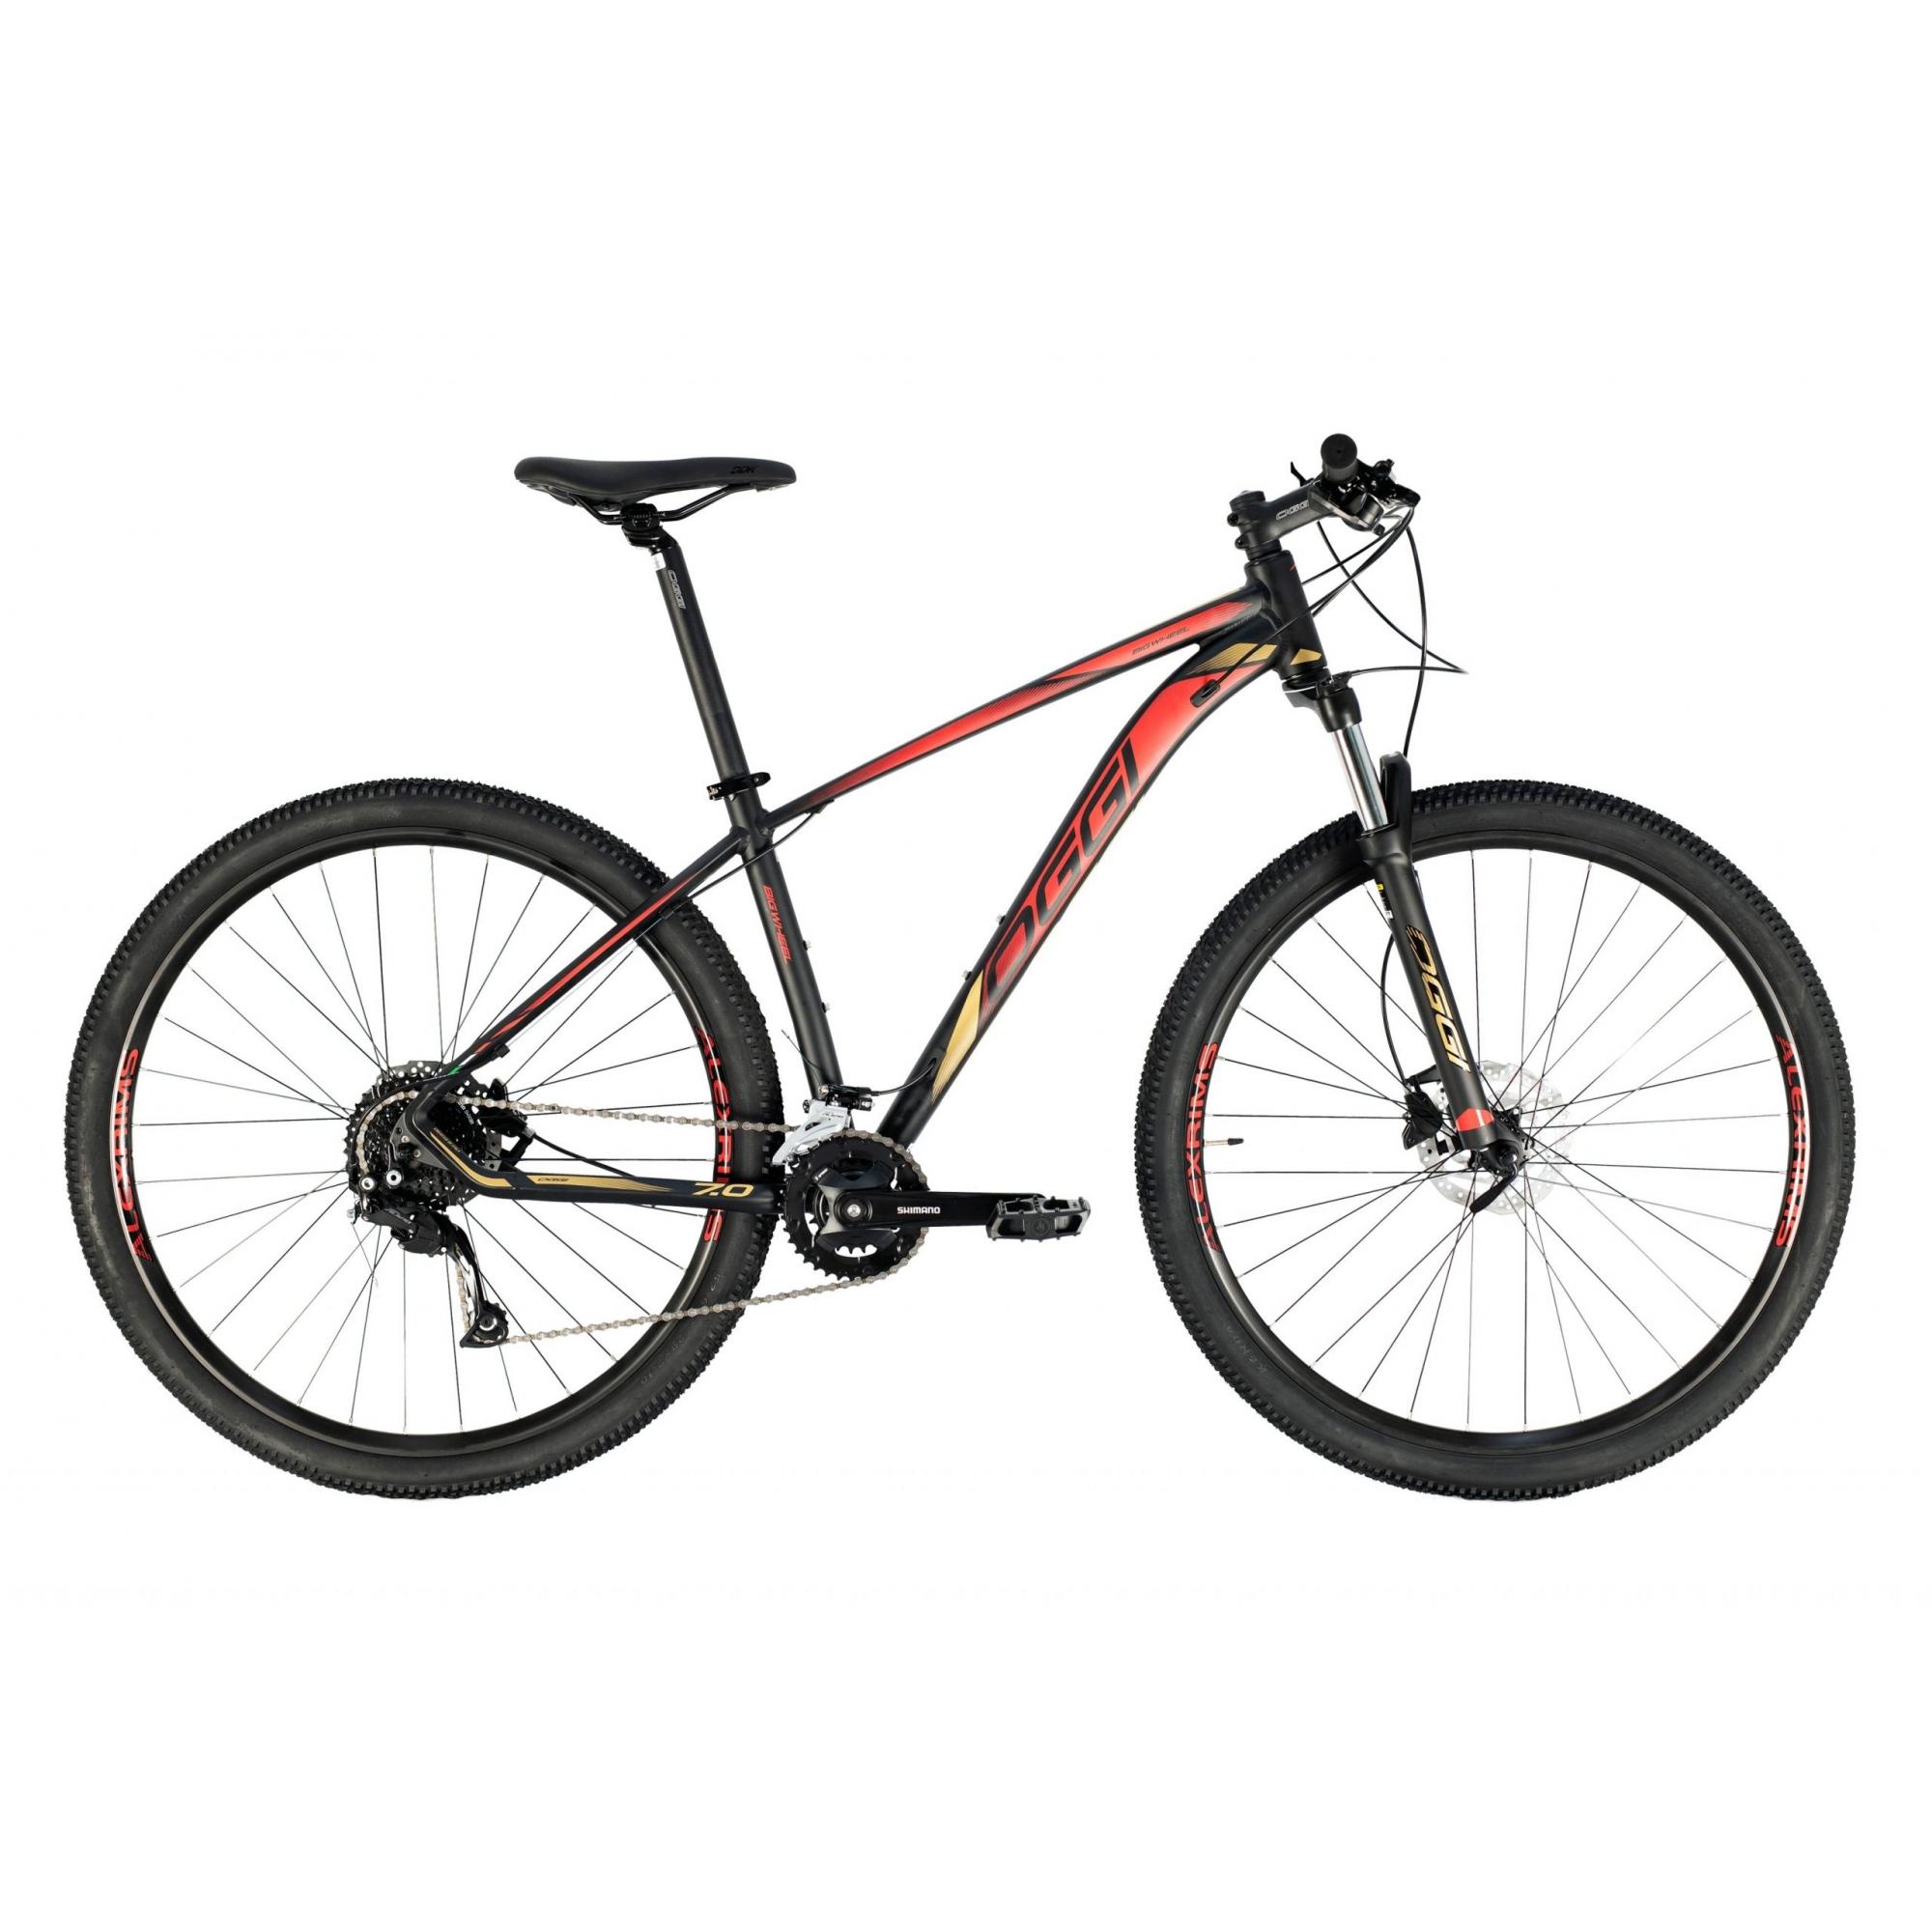 Bicicleta Aro 29 MTB Oggi Big Wheel 7.0 18v 2021 - Preto / Dourado / Vermelho